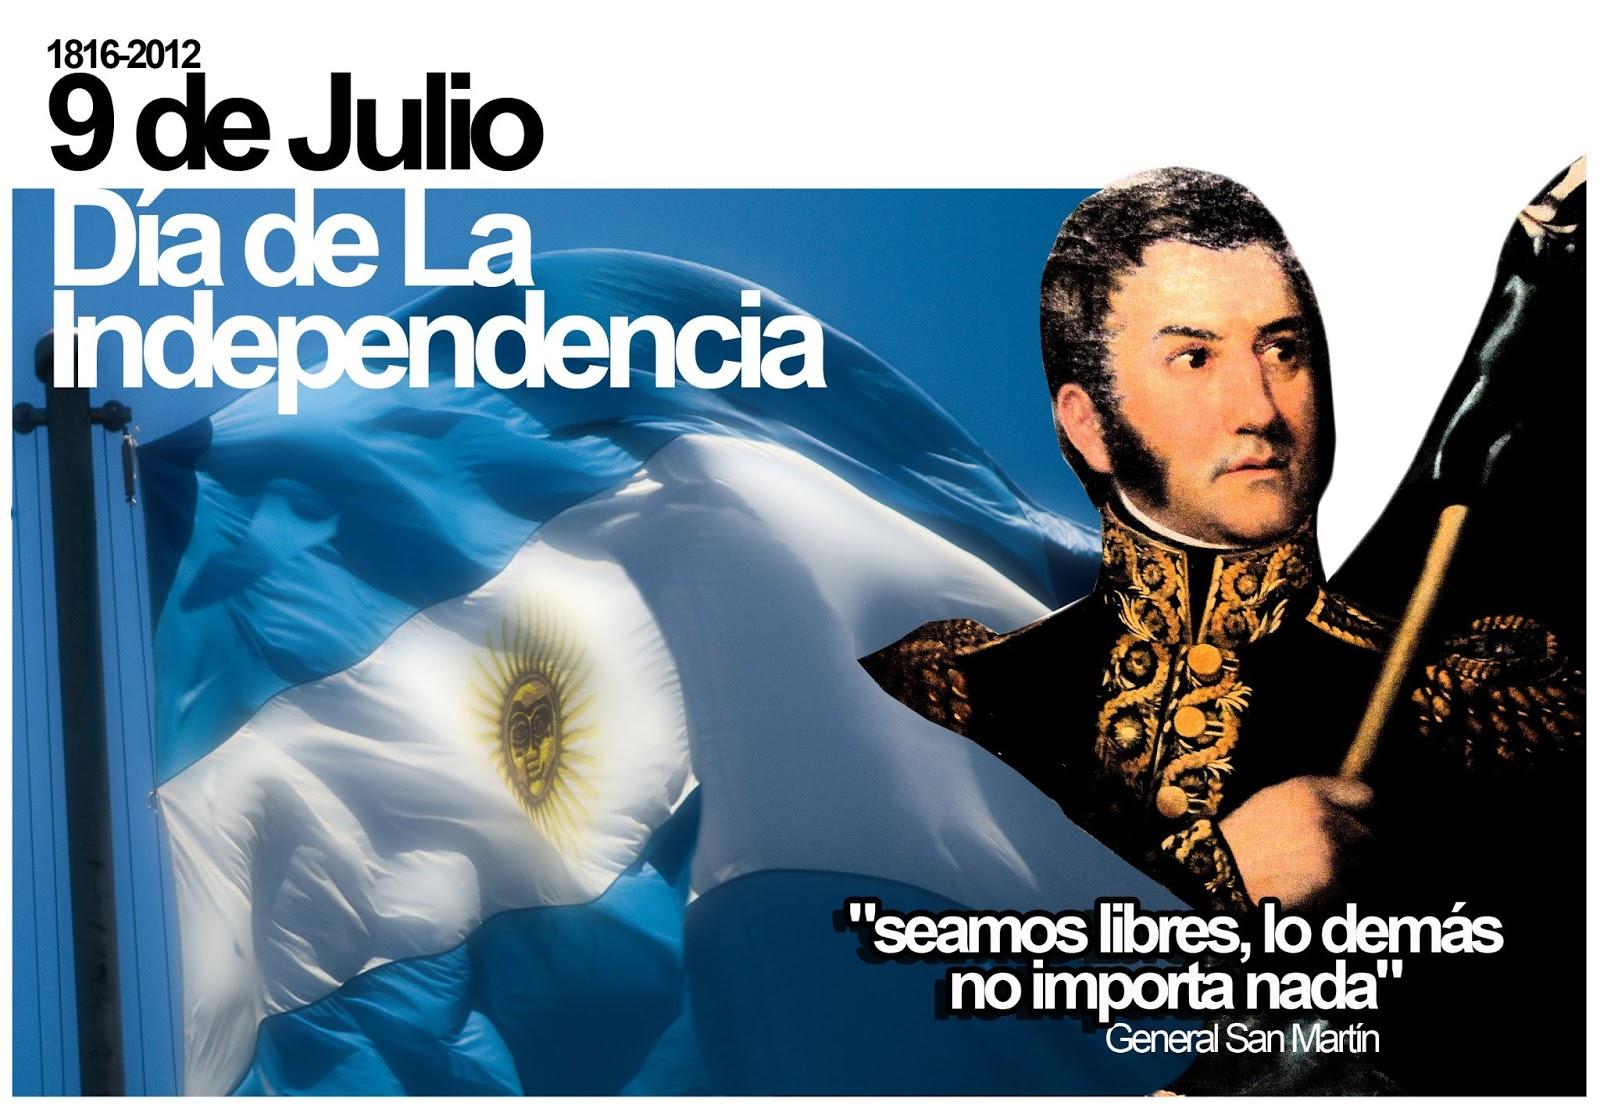 Frases Dia De La Independencia Argentina Frases Celebres | MEJOR